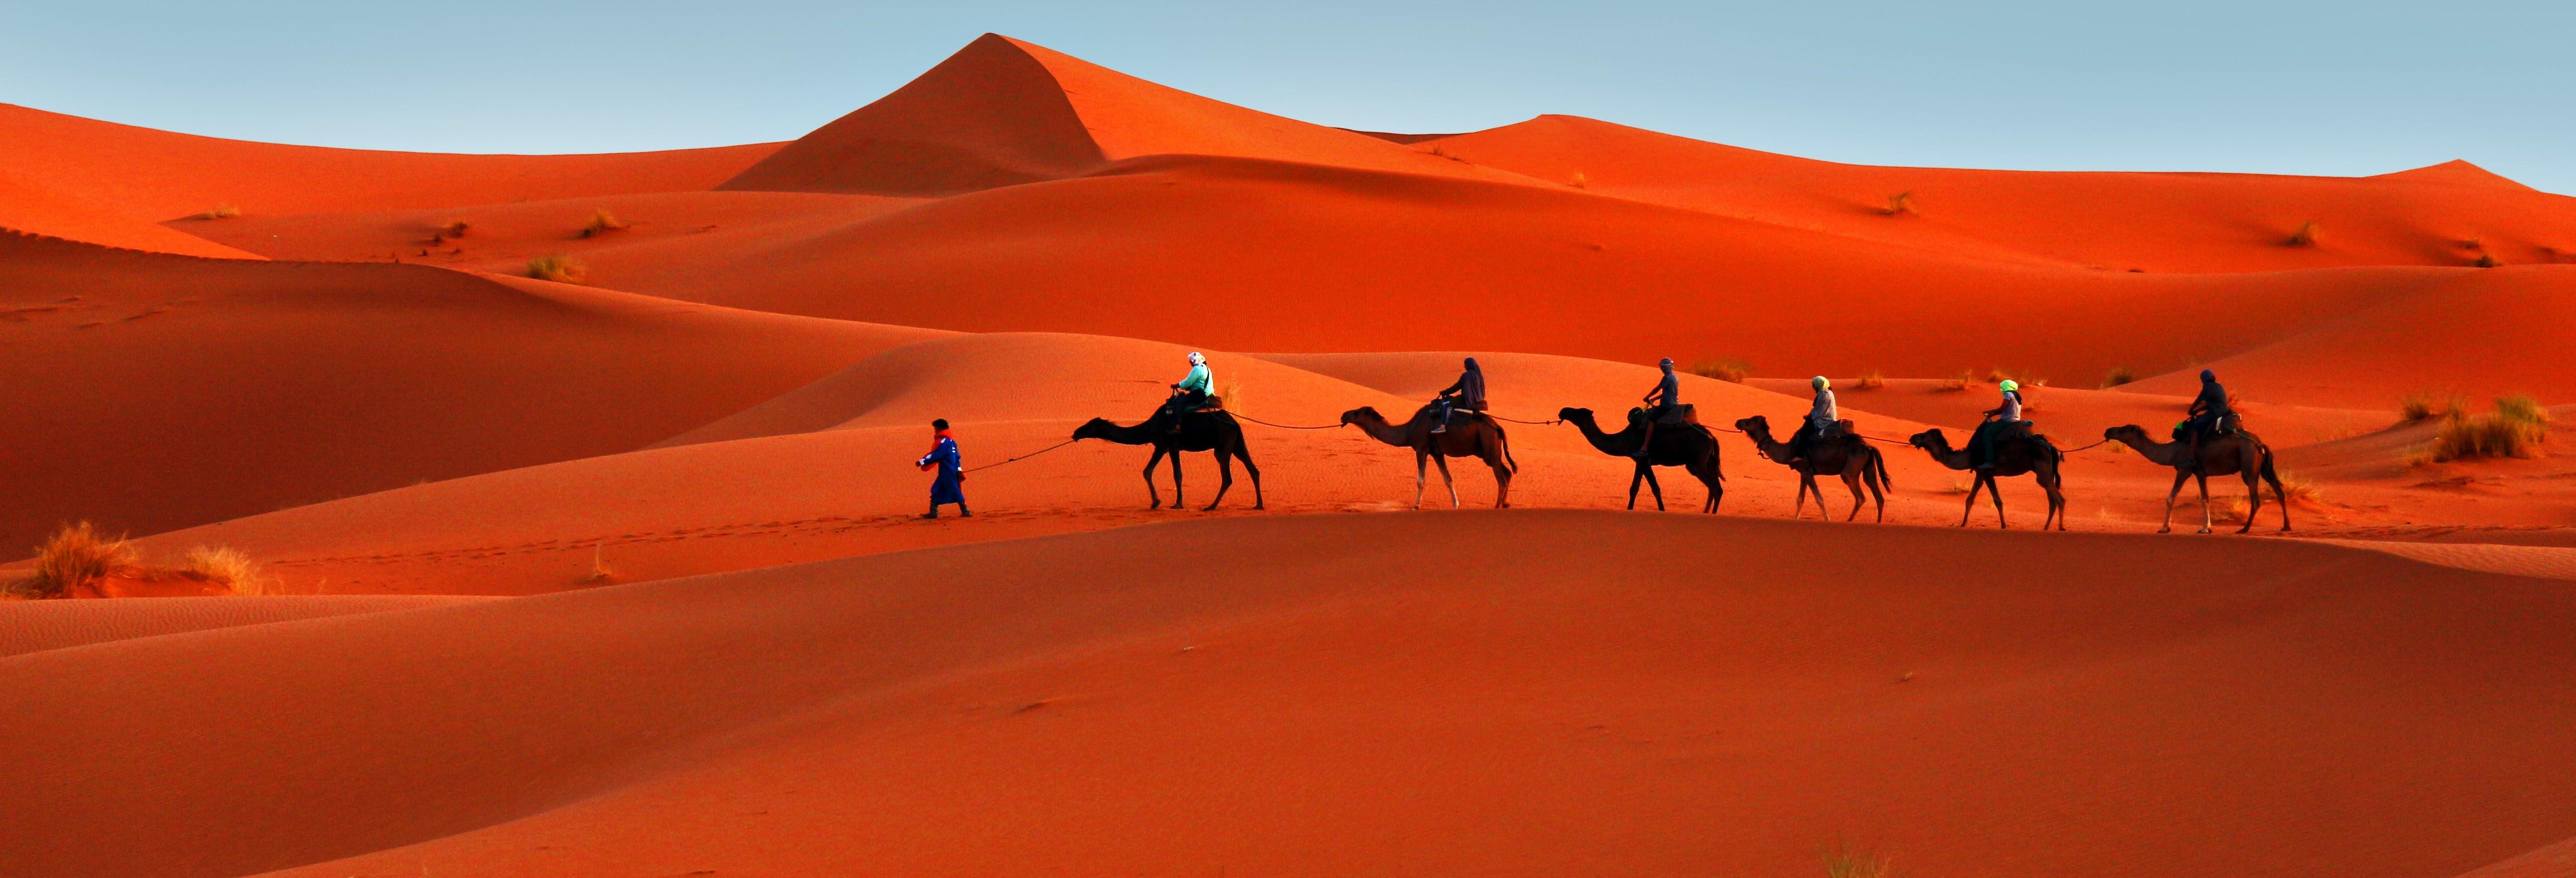 Excursion de 2 jours dans le désert de Merzouga